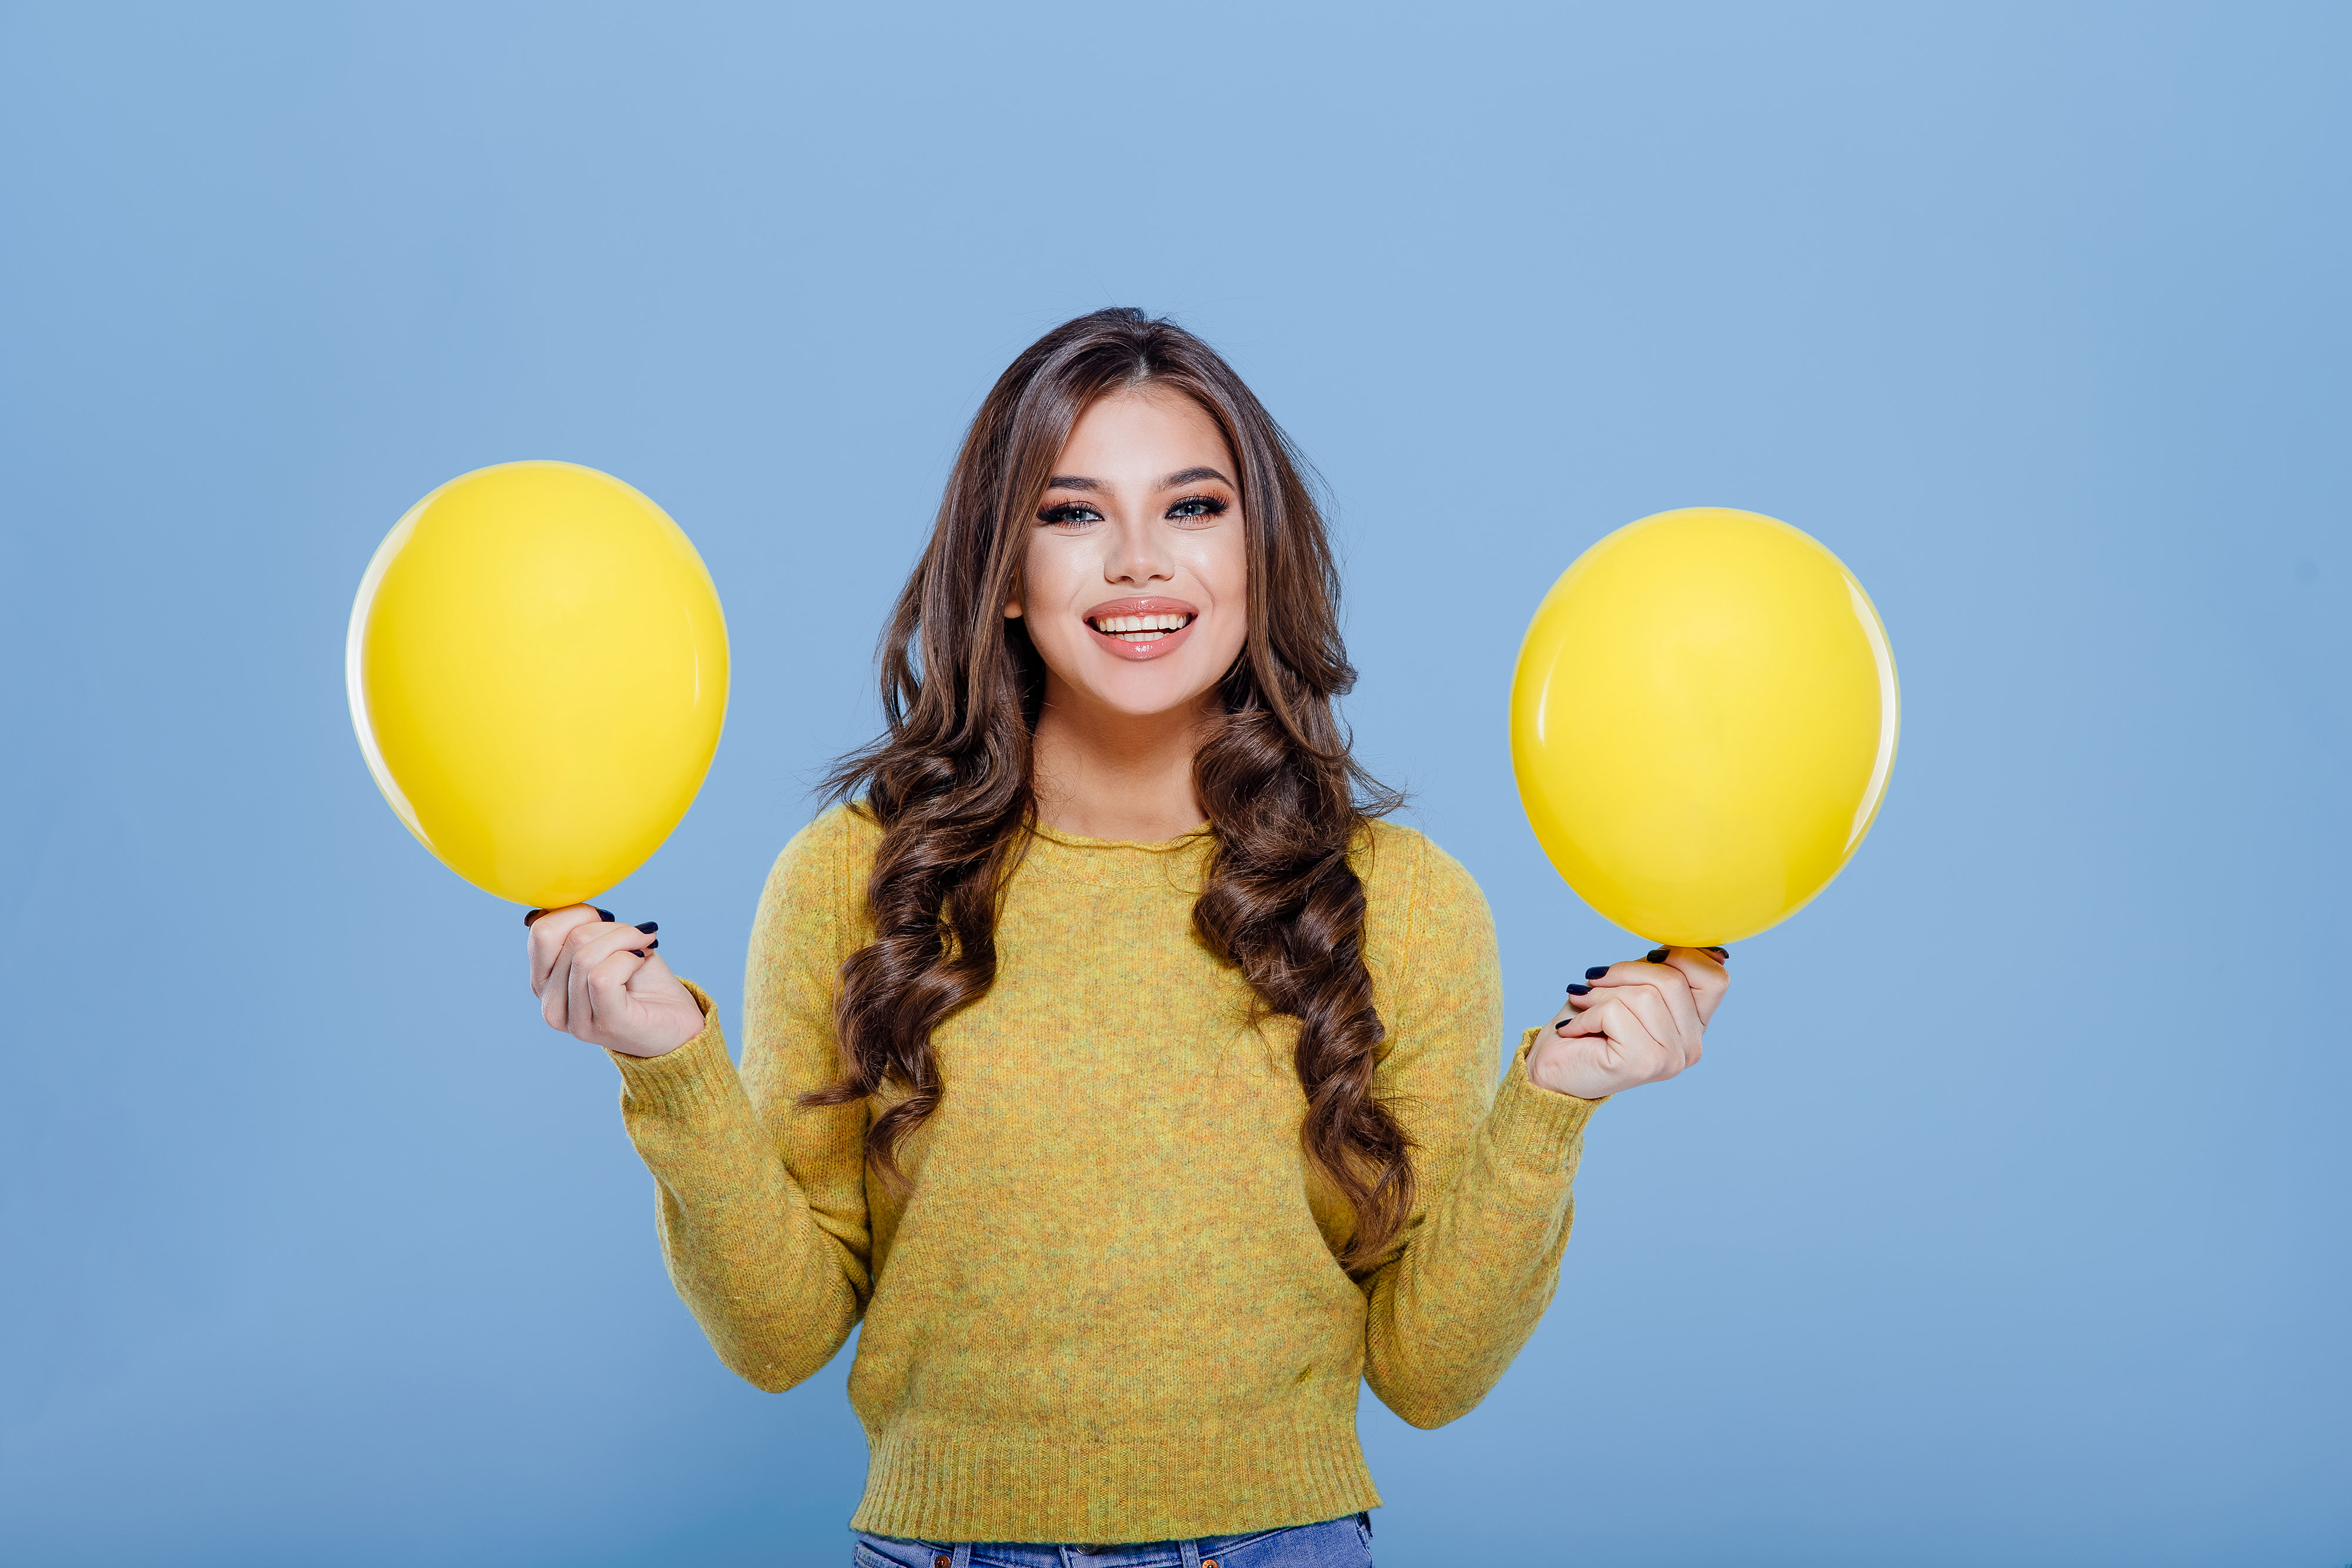 adolescente elegante segurando dois balões amarelos-editado